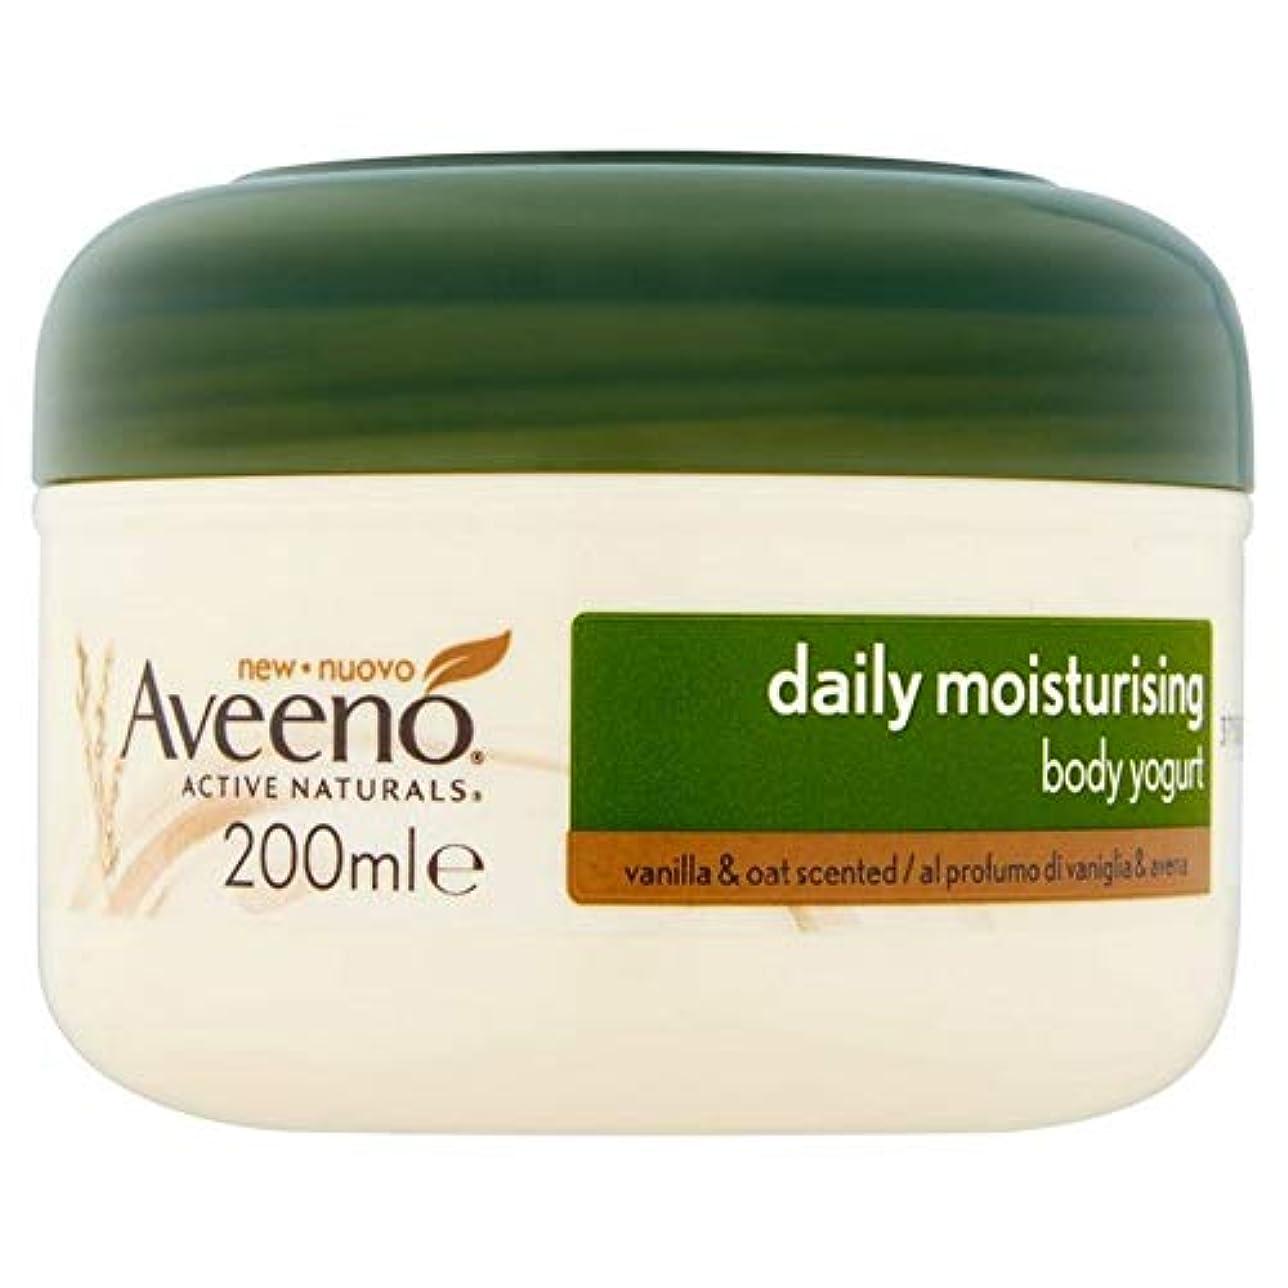 植物学者散髪溶ける[Aveeno] Aveeno毎日保湿ボディヨーグルトバニラ&オーツの200ミリリットル - Aveeno Daily Moisturising Body Yogurts Vanilla & Oats 200ml [並行輸入品]